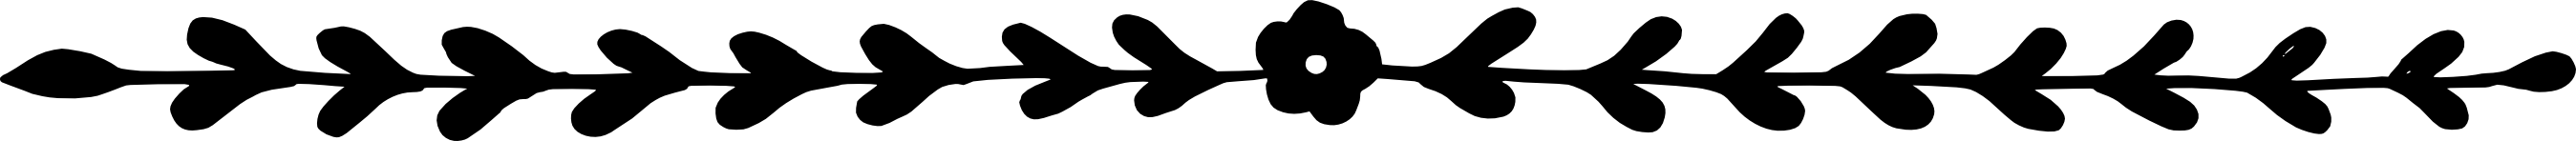 6 Flower Line Border (PNG Transparent) | OnlyGFX.com